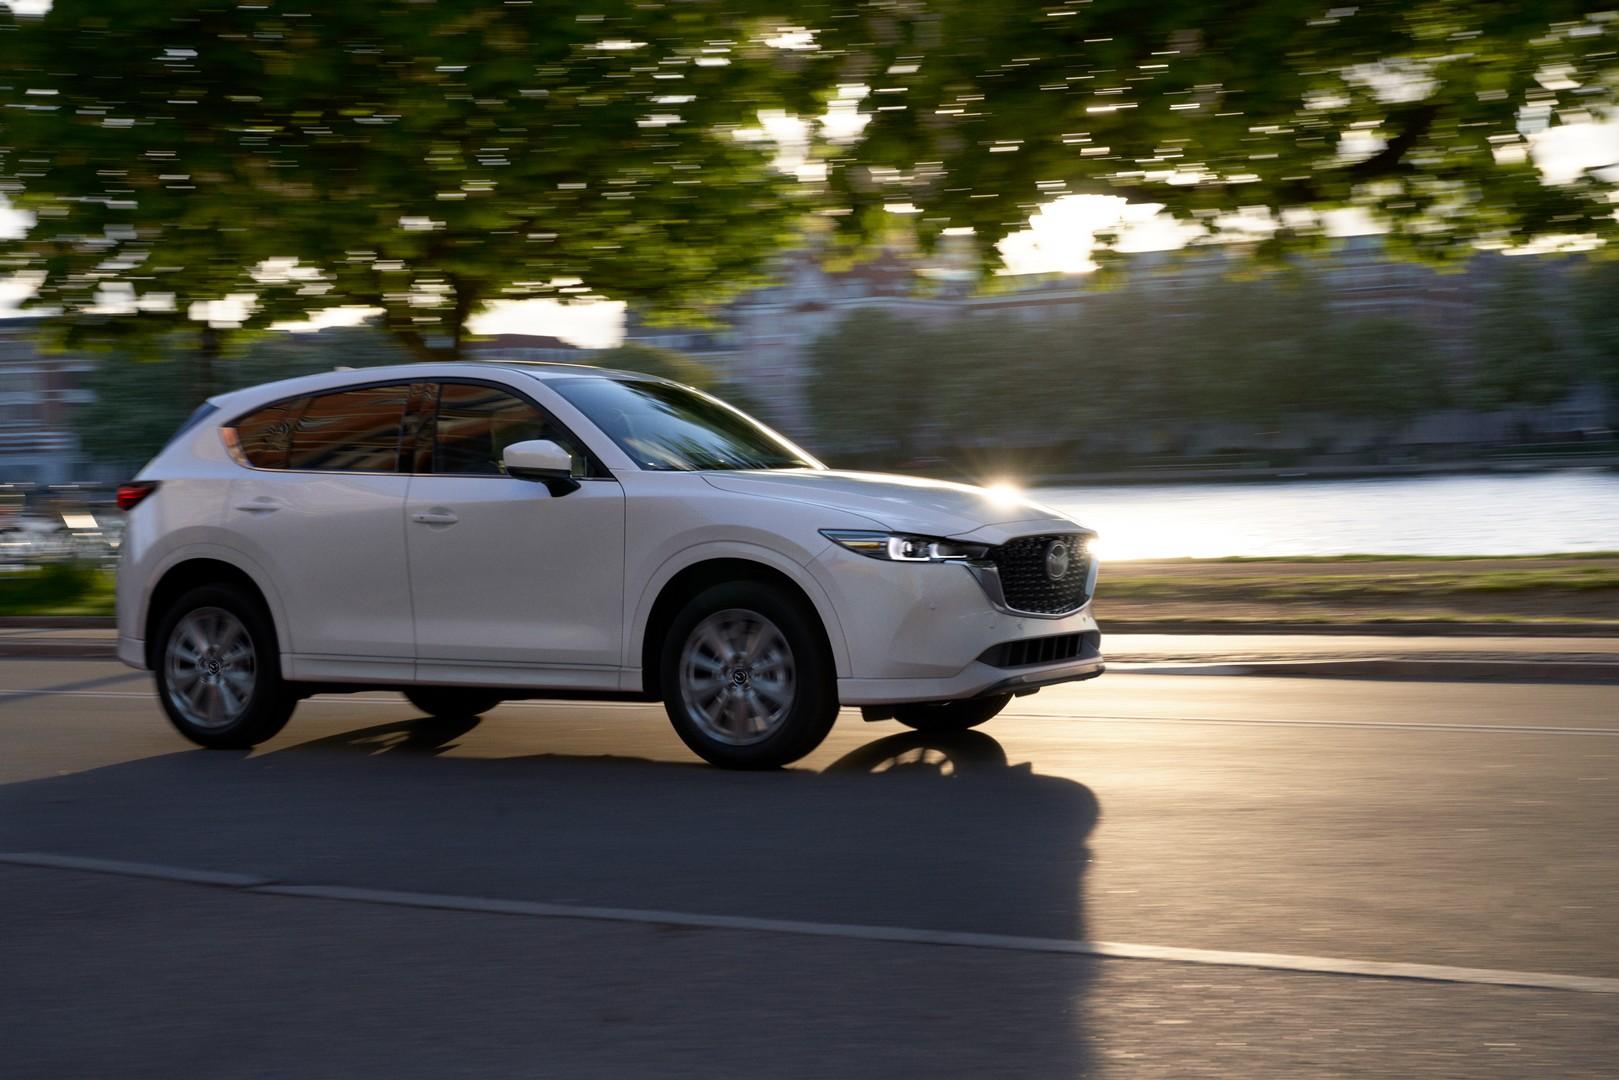 Совсем недавно в Сети появились снимки обновленной Mazda CX-5, которые были опубликованы китайским Минпромом. Как оказалось теперь, так будет выглядеть глобальный кроссовер.